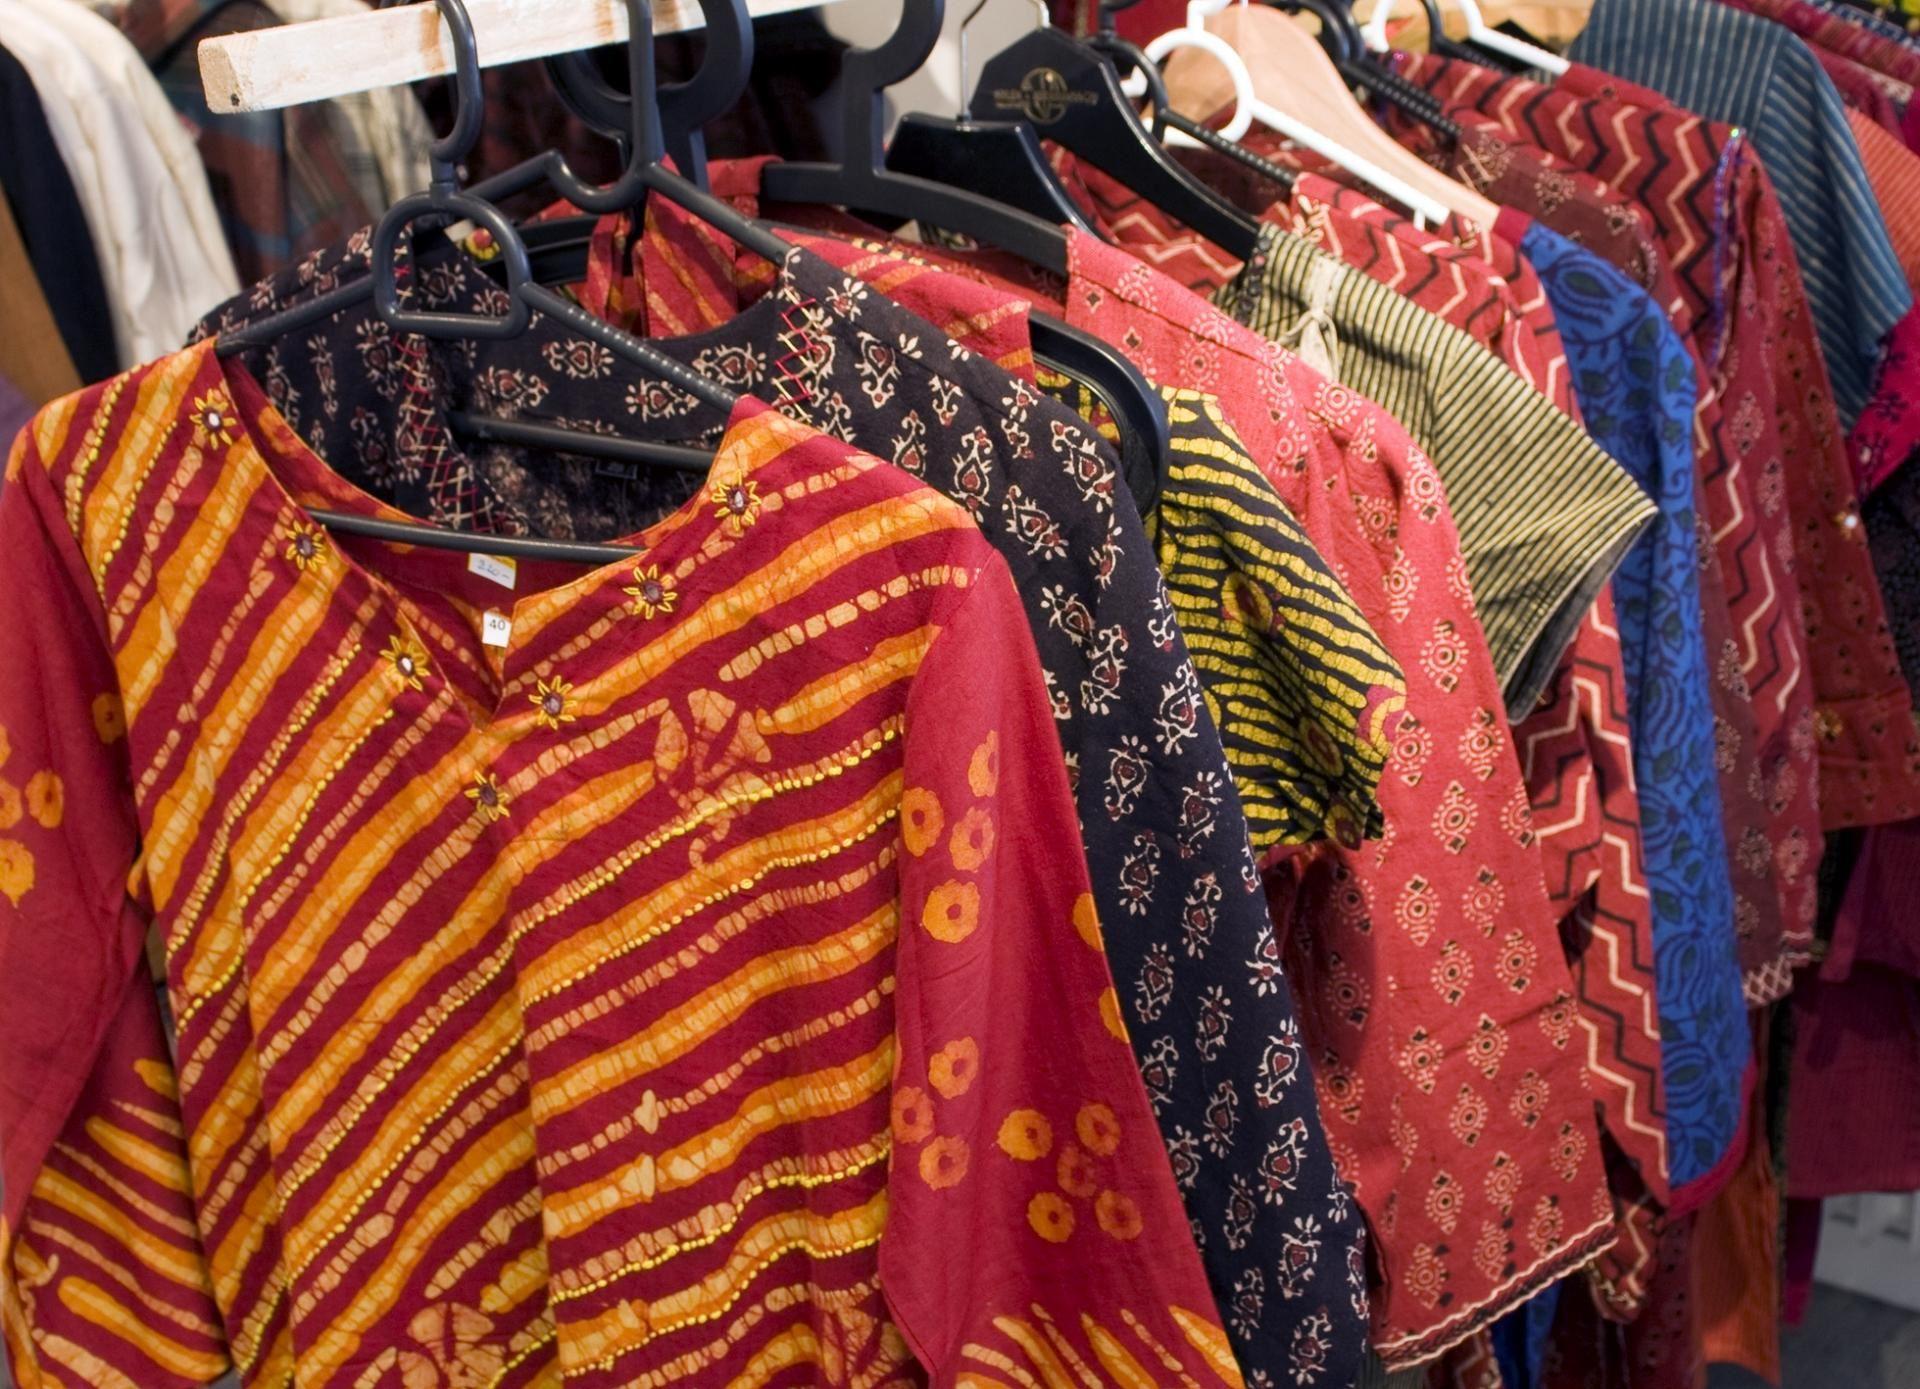 Per Sahlström Essys & Läderjord,  © foto får användas i relevant marknadsföring  av Ångermanland, Essy's craft boutique